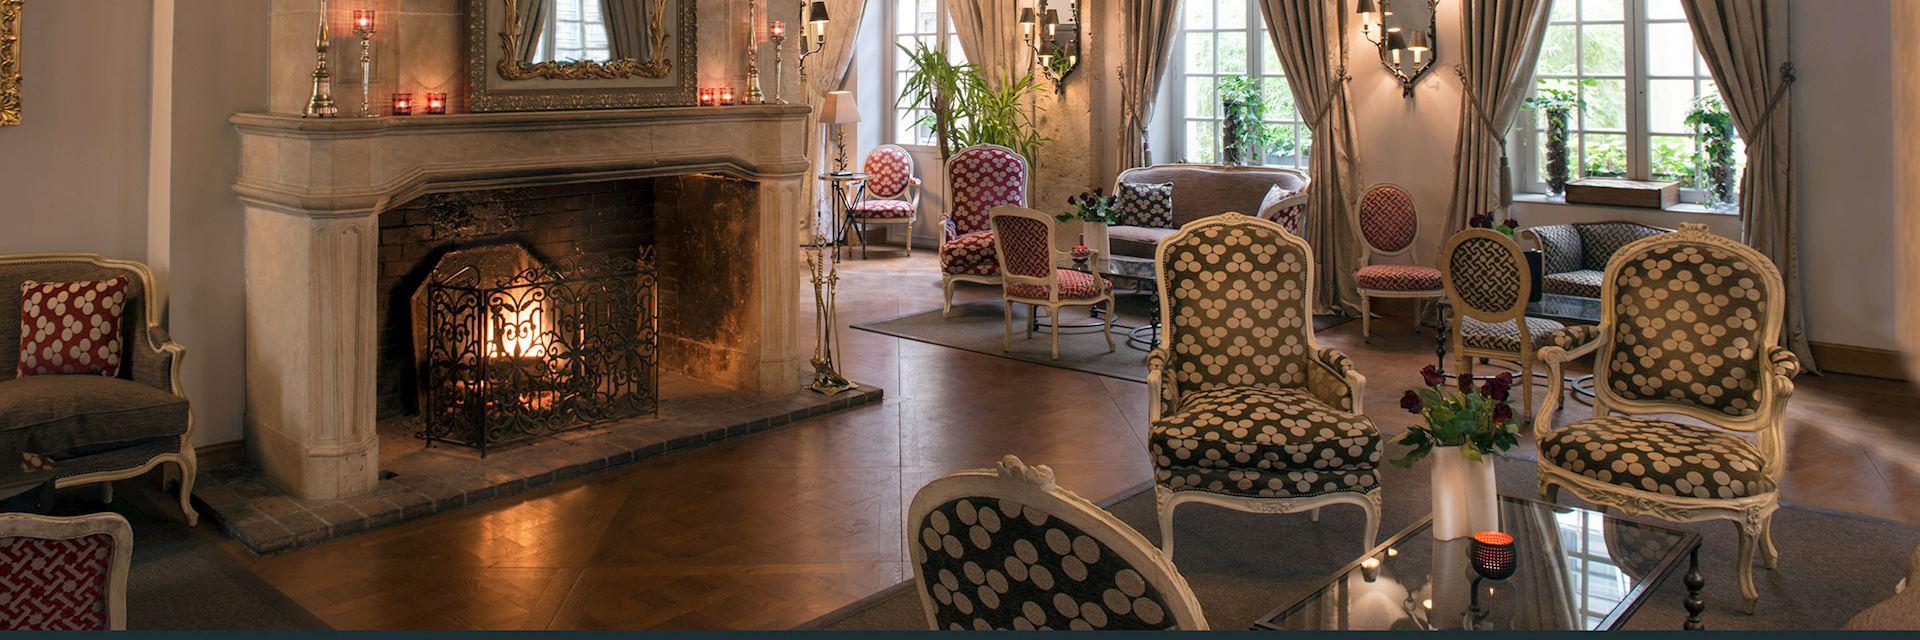 Hôtel d'Aubusson, Paris